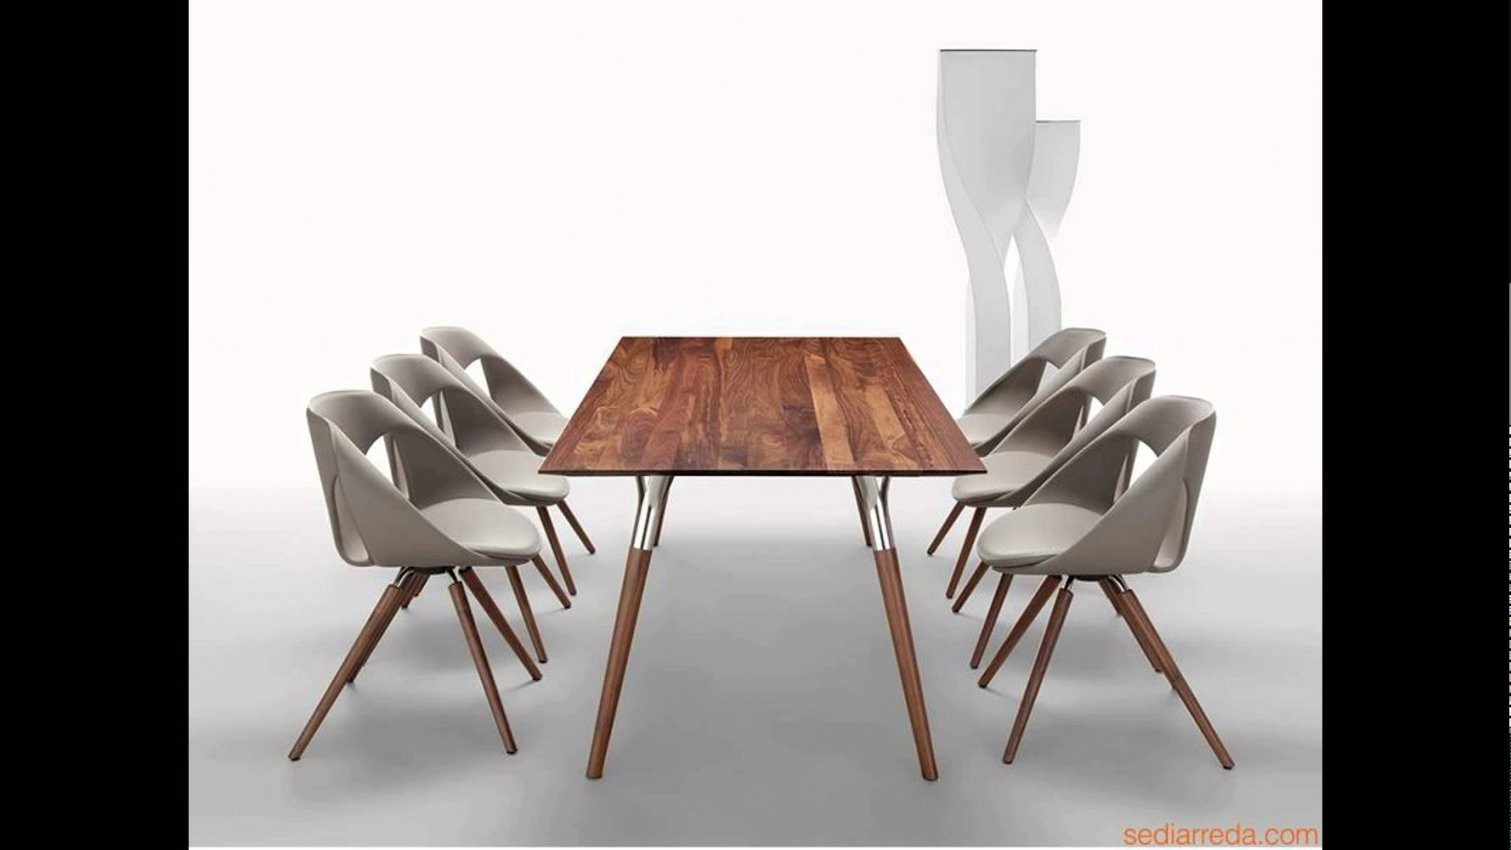 Relativ Stühle Modernes Design By81  Startupjobsfa von Stühle Modernes Design Photo